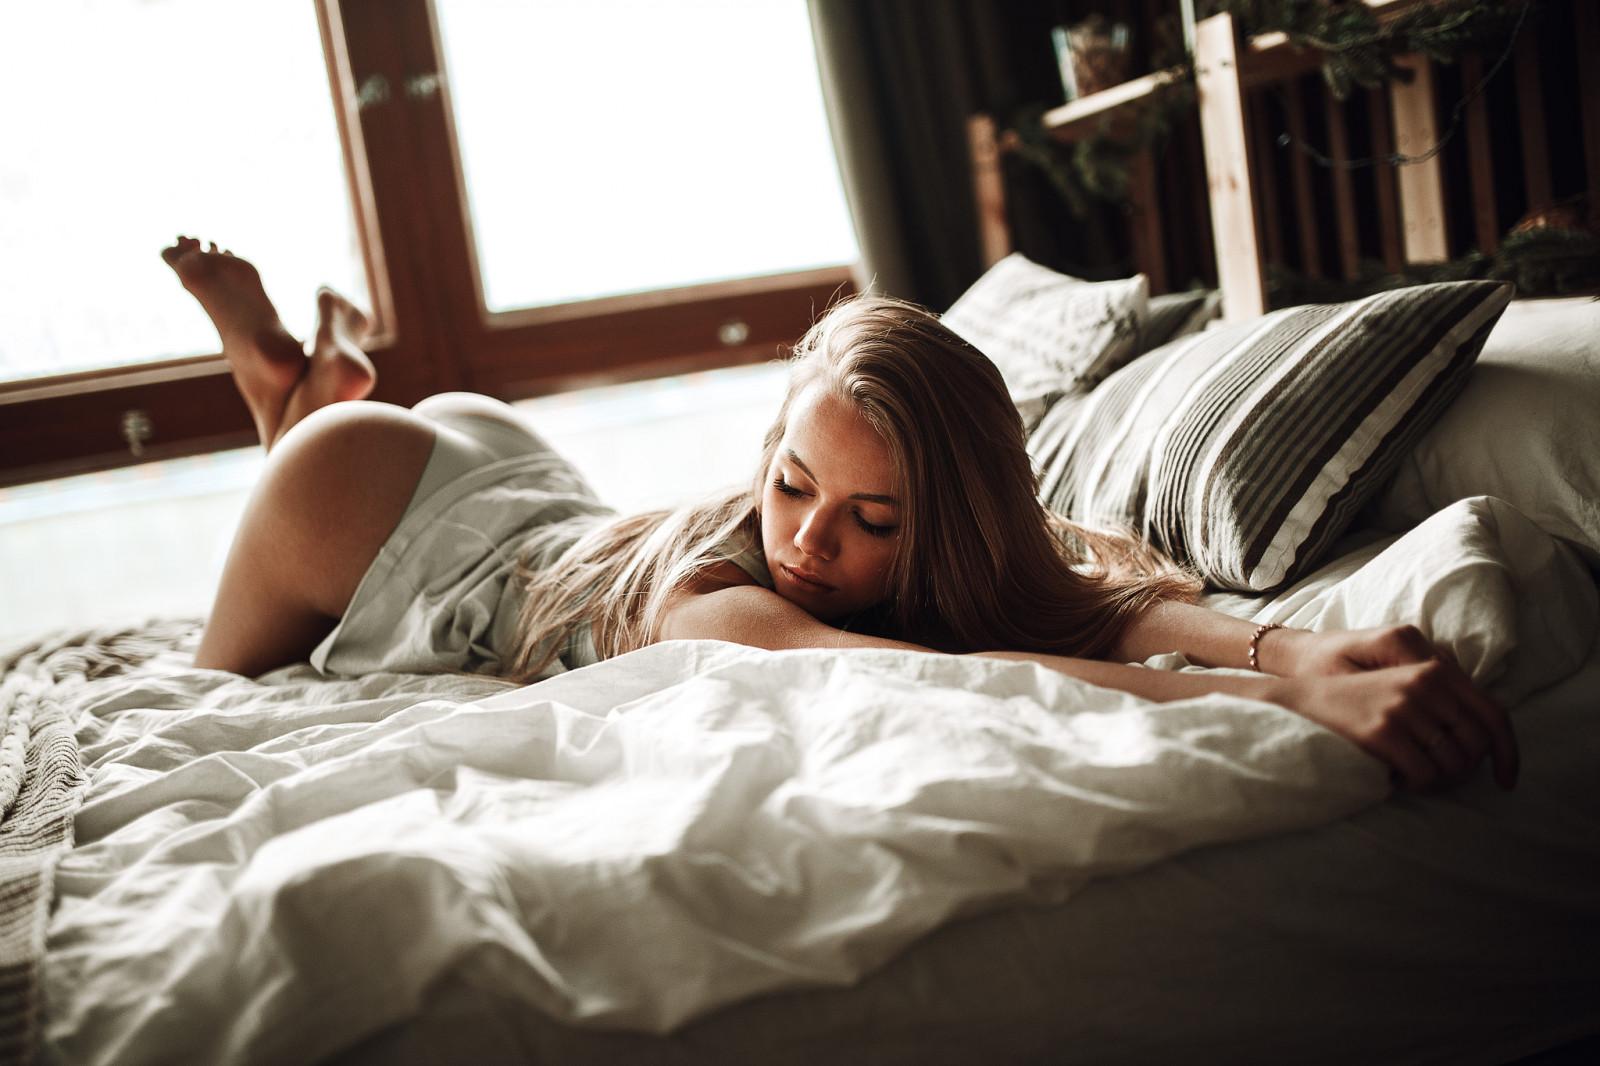 темнокожие тигрицы лучшие женщины в постели было все плохо